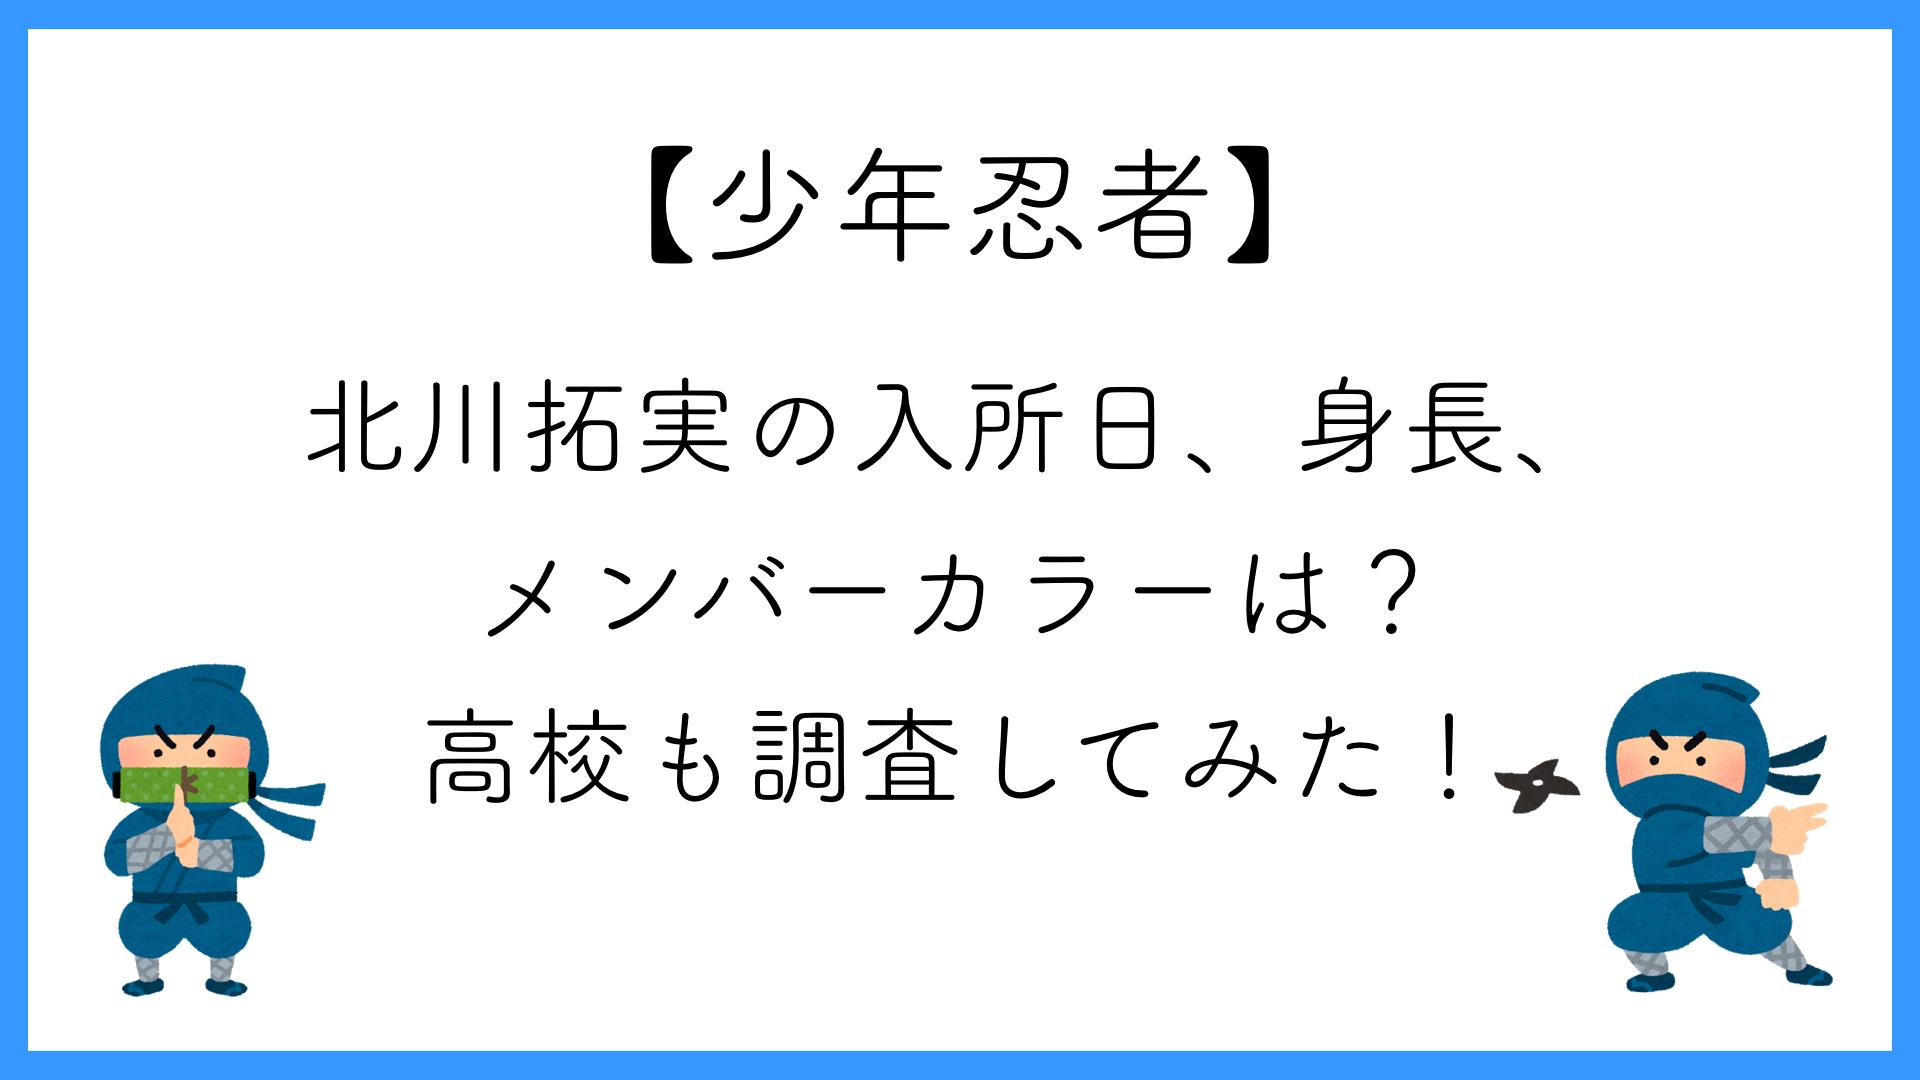 【少年忍者】北川拓実の入所日、身長、メンバーカラーは?高校も調査してみた!